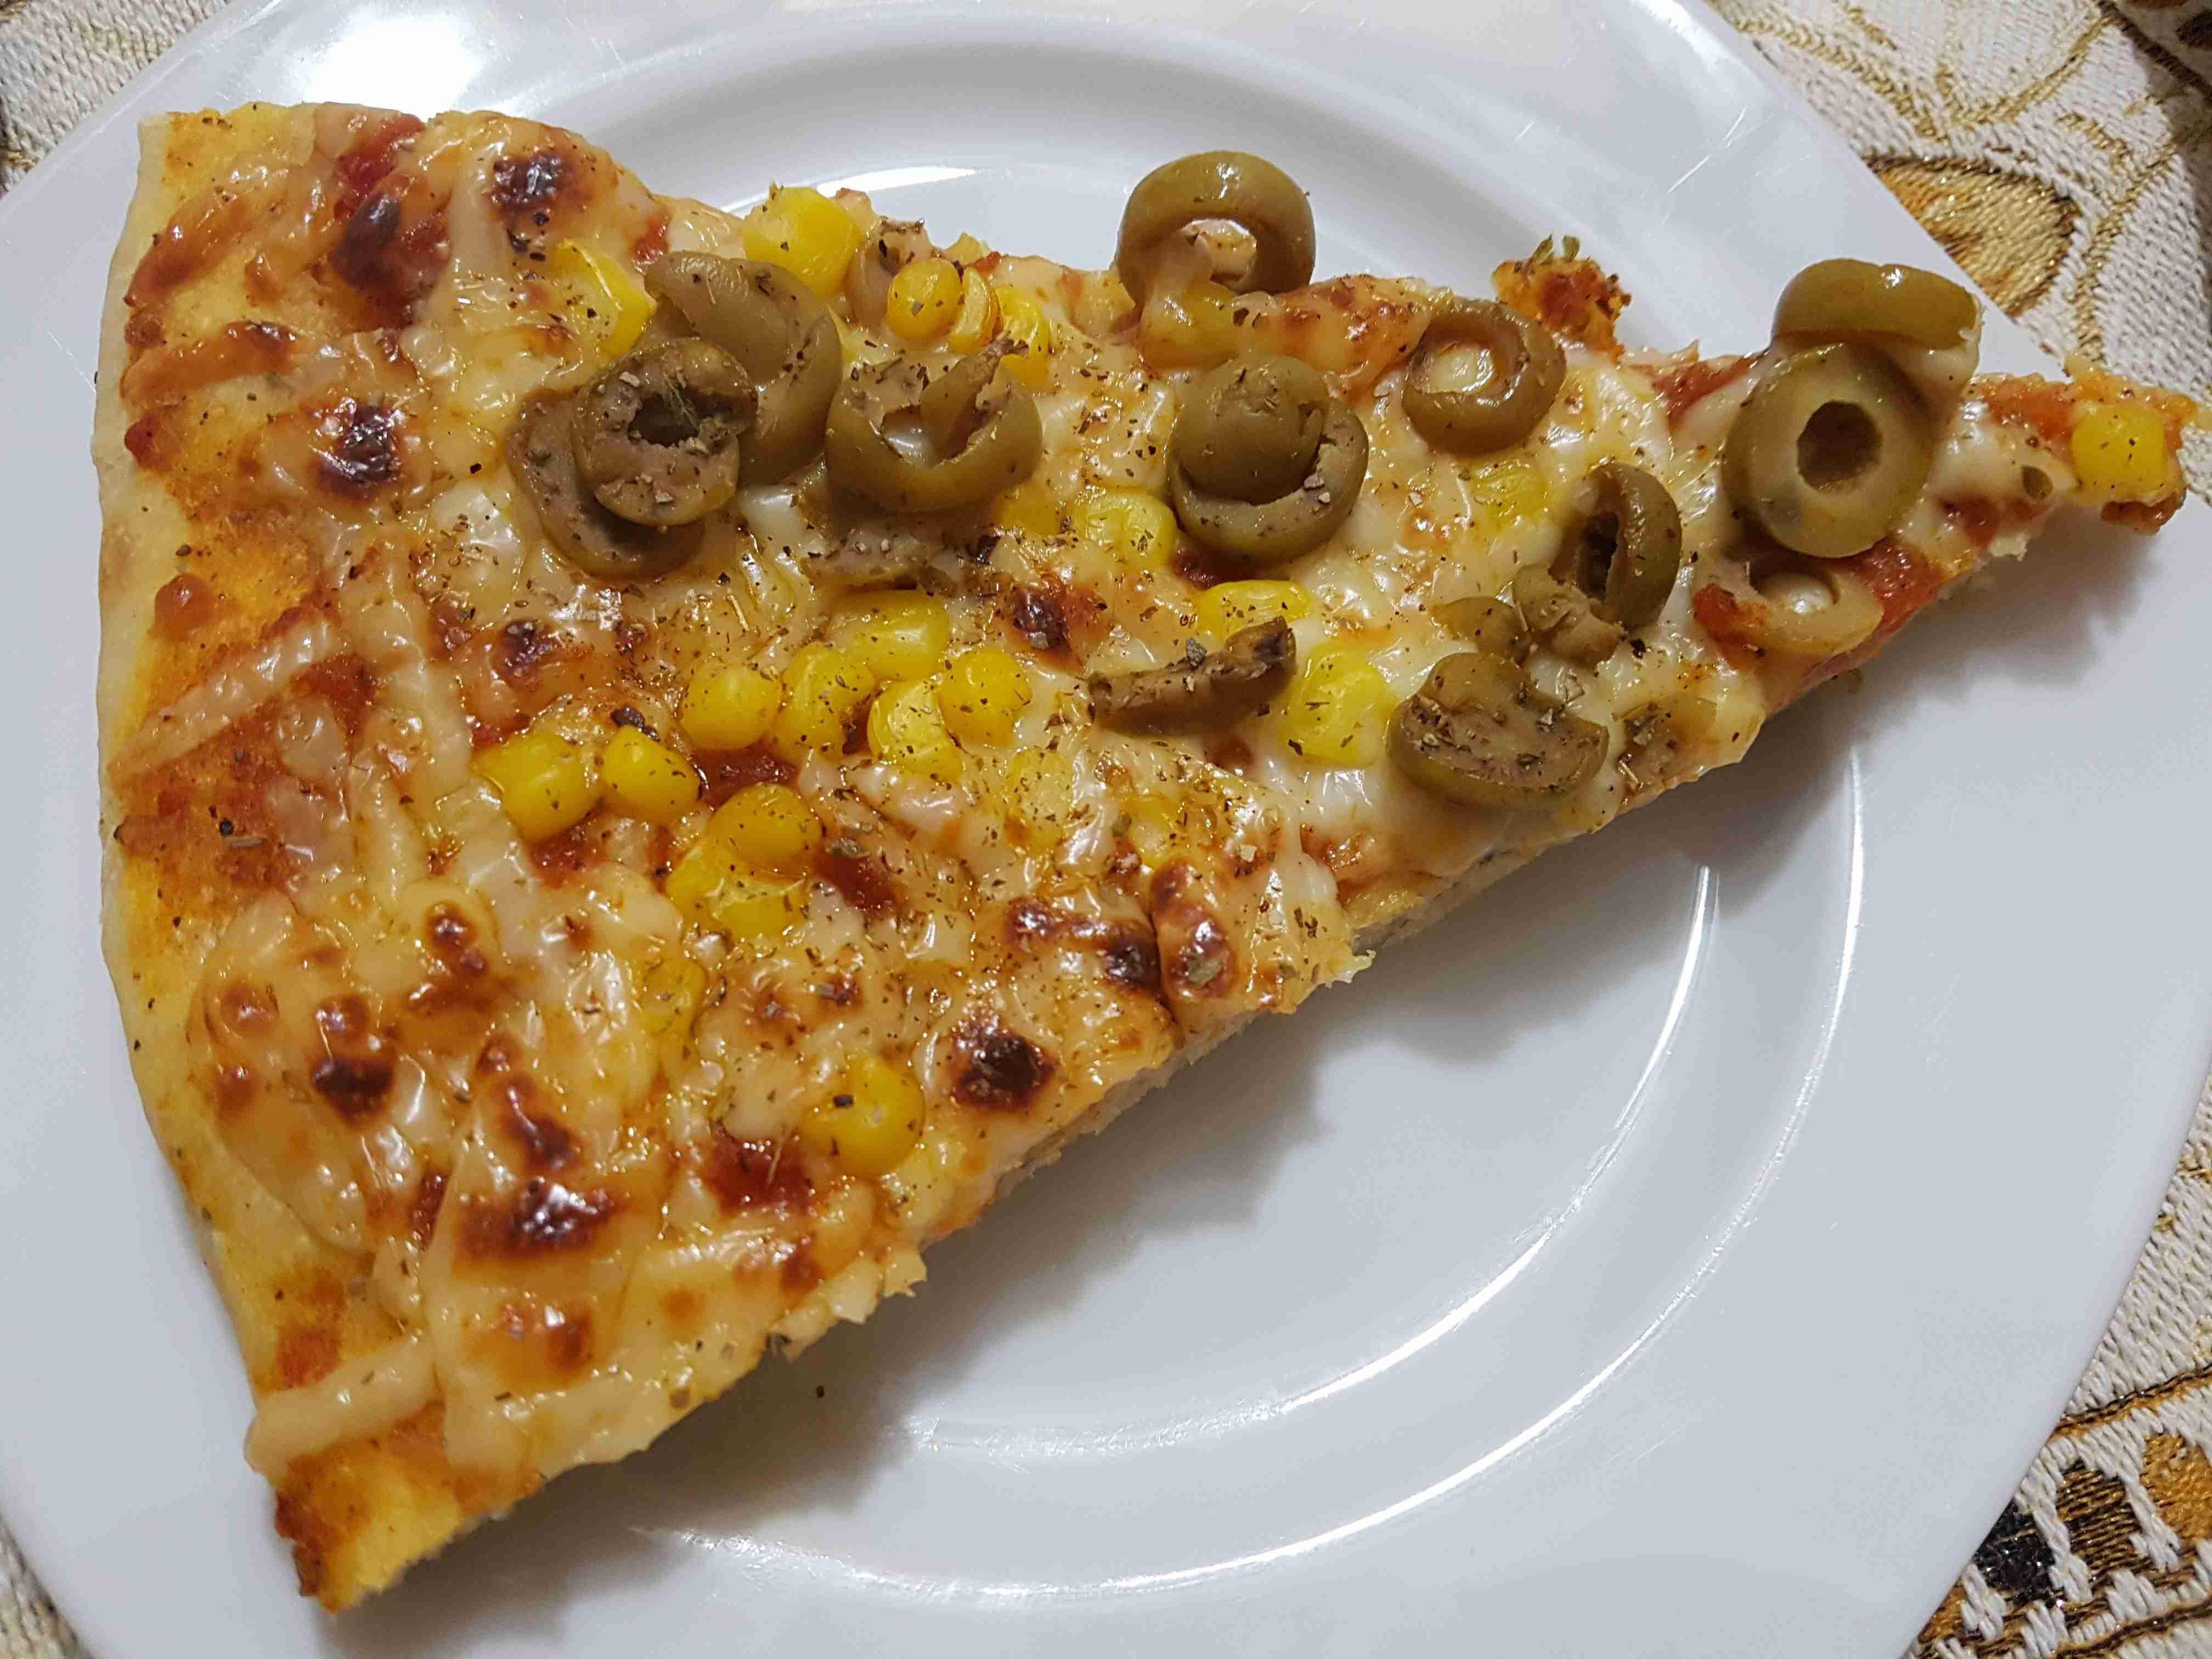 سر عمل عجينة البيتزا المثالية لعمل أفضل انواع البيتزا عجينة بيتزا هت Youtube Pizza Dough Food Homemade Pizza